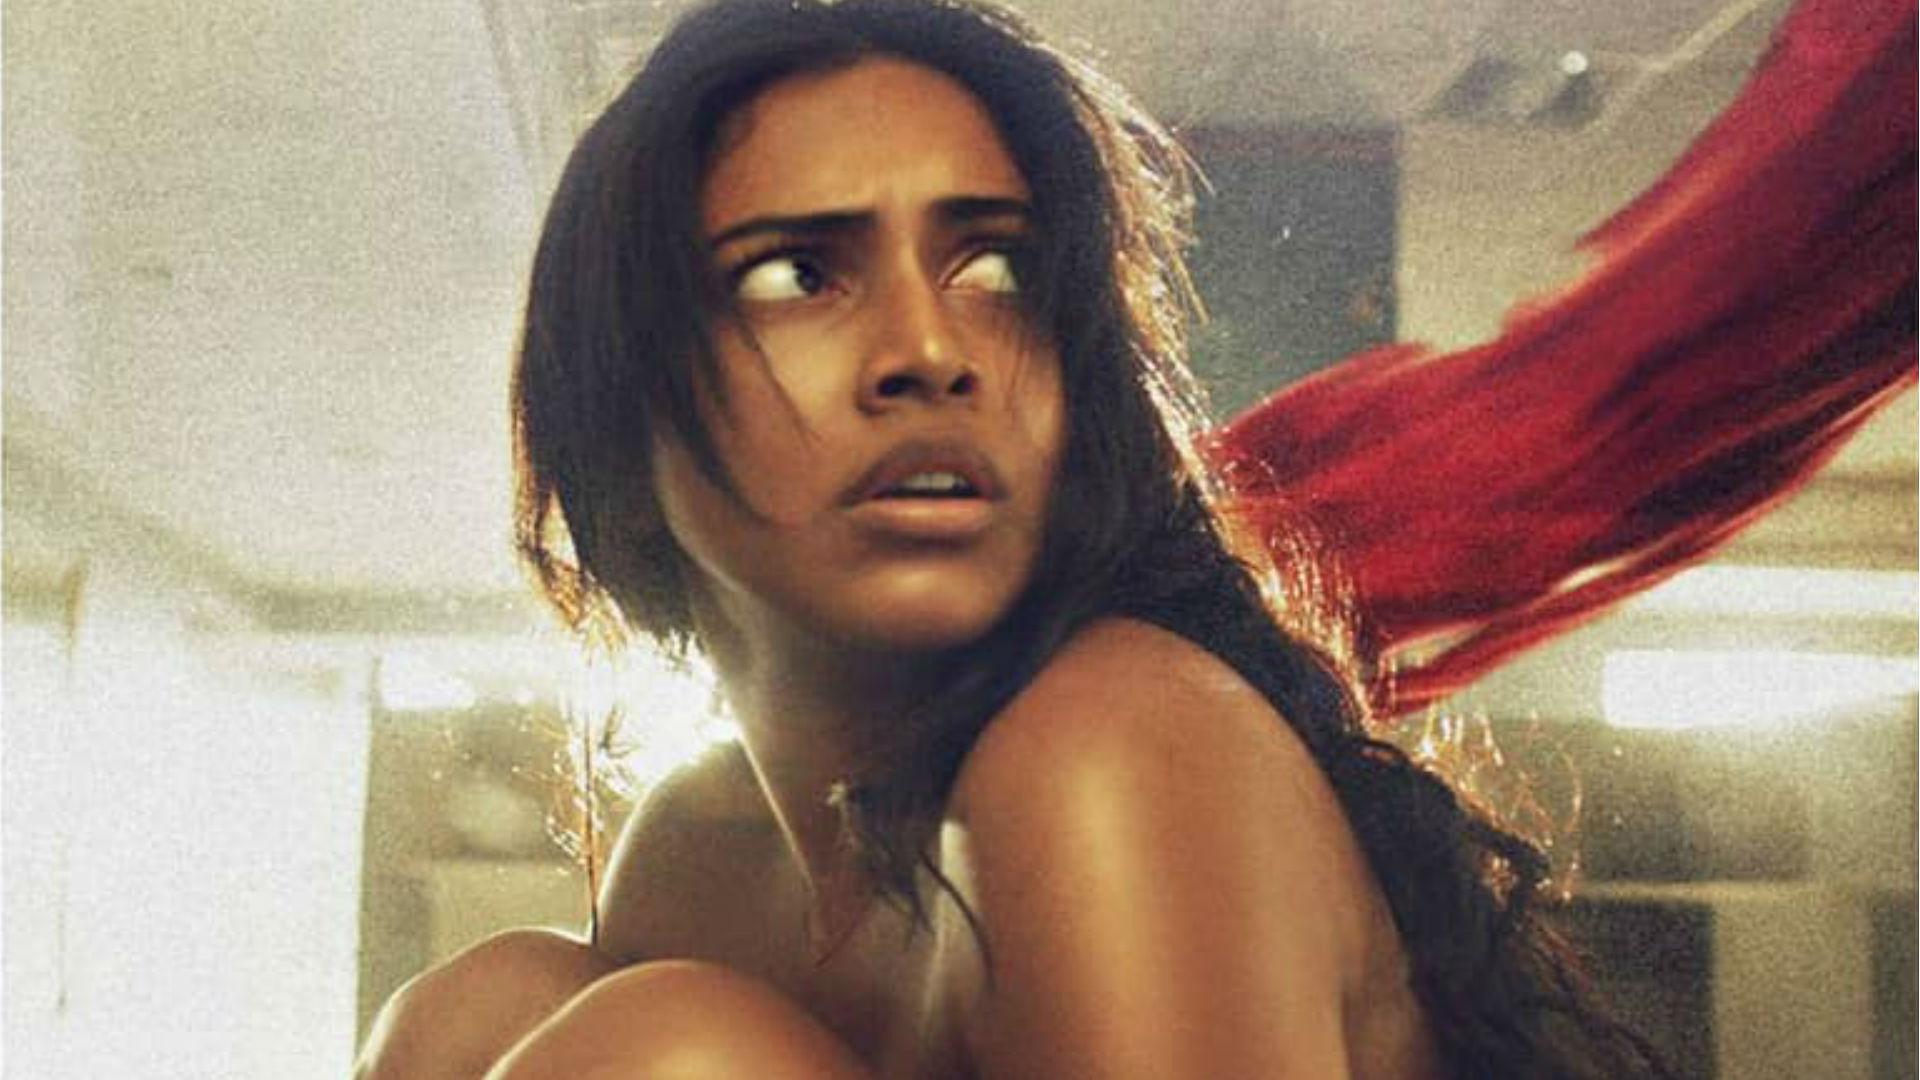 Aadai Movie: अमाला पॉल ने फिल्म के लिए कैसे दिया था न्यूड सीन, एक्ट्रेस ने बताई शूटिंग की कहानी